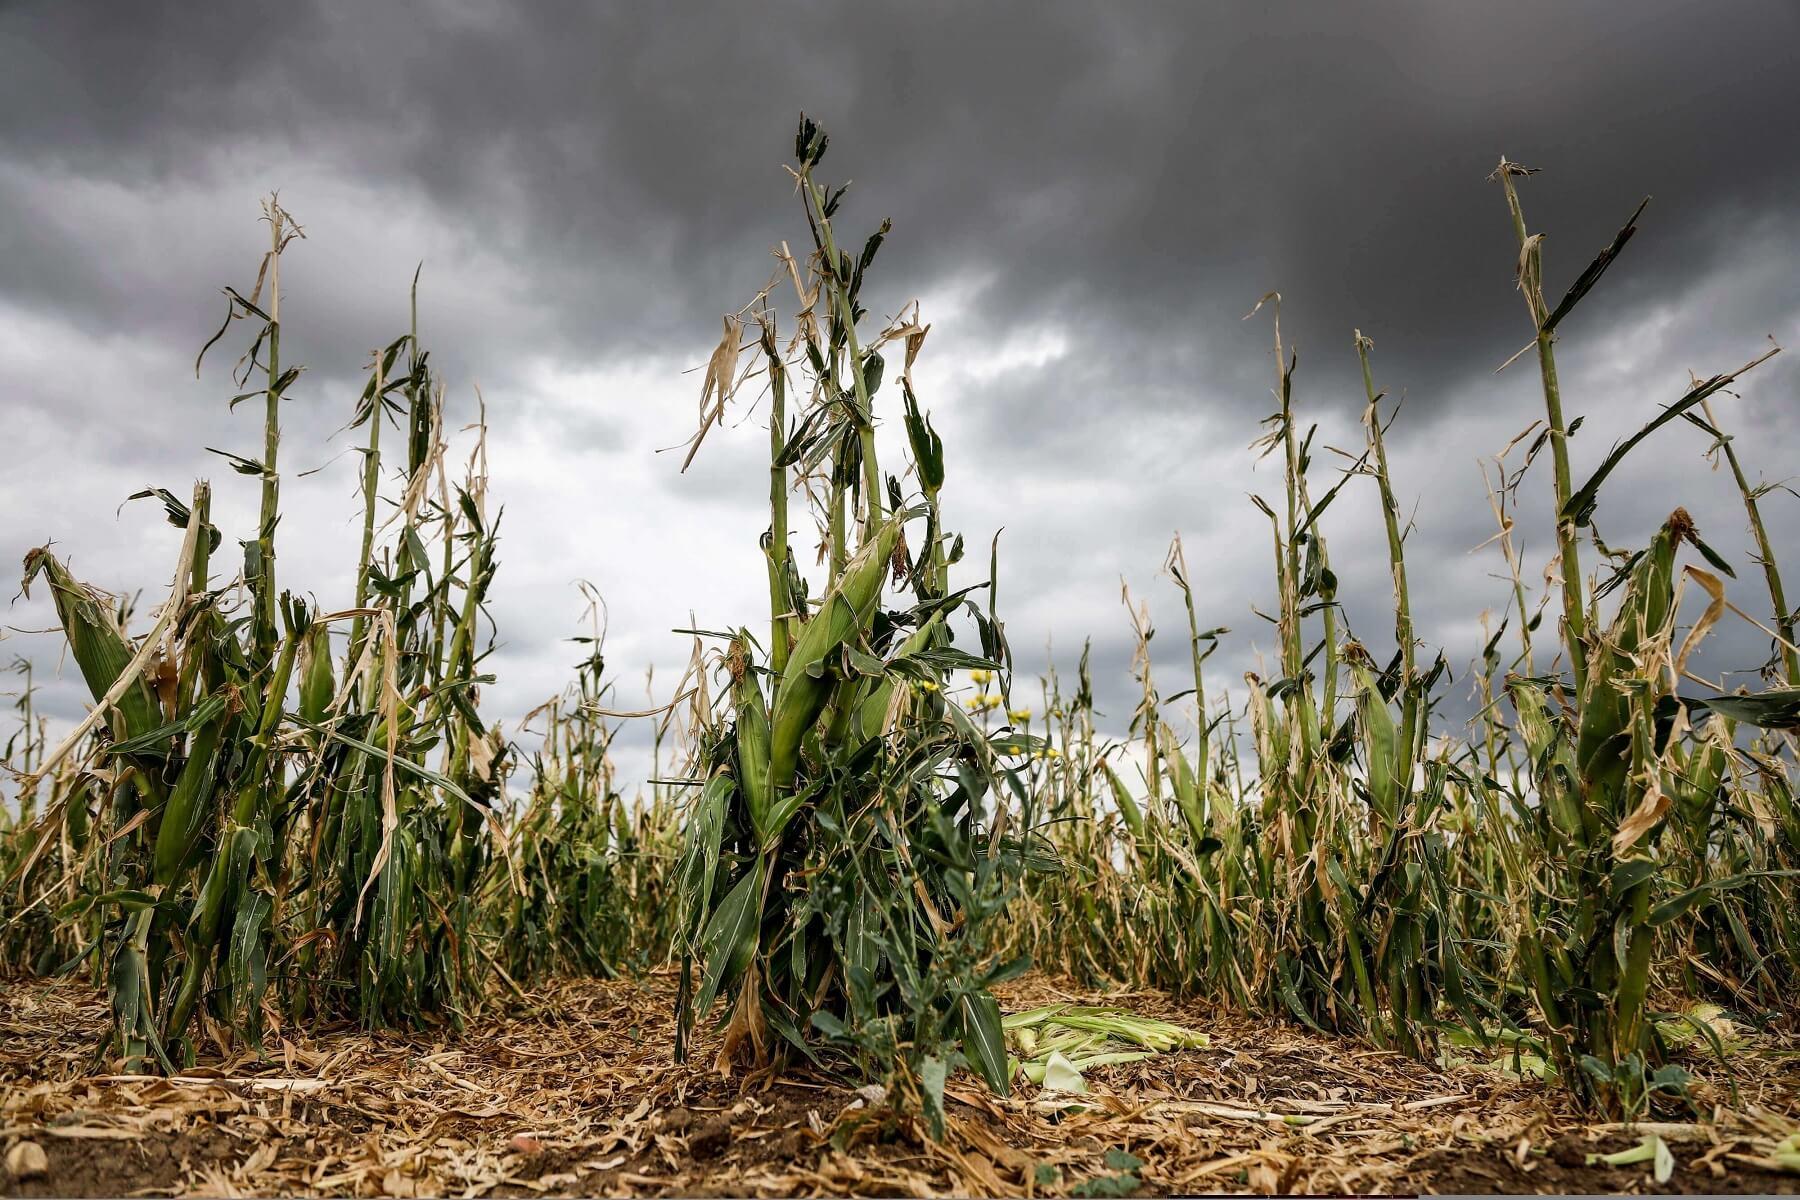 Saiba o que é Seguro Agrícola e como ele funciona